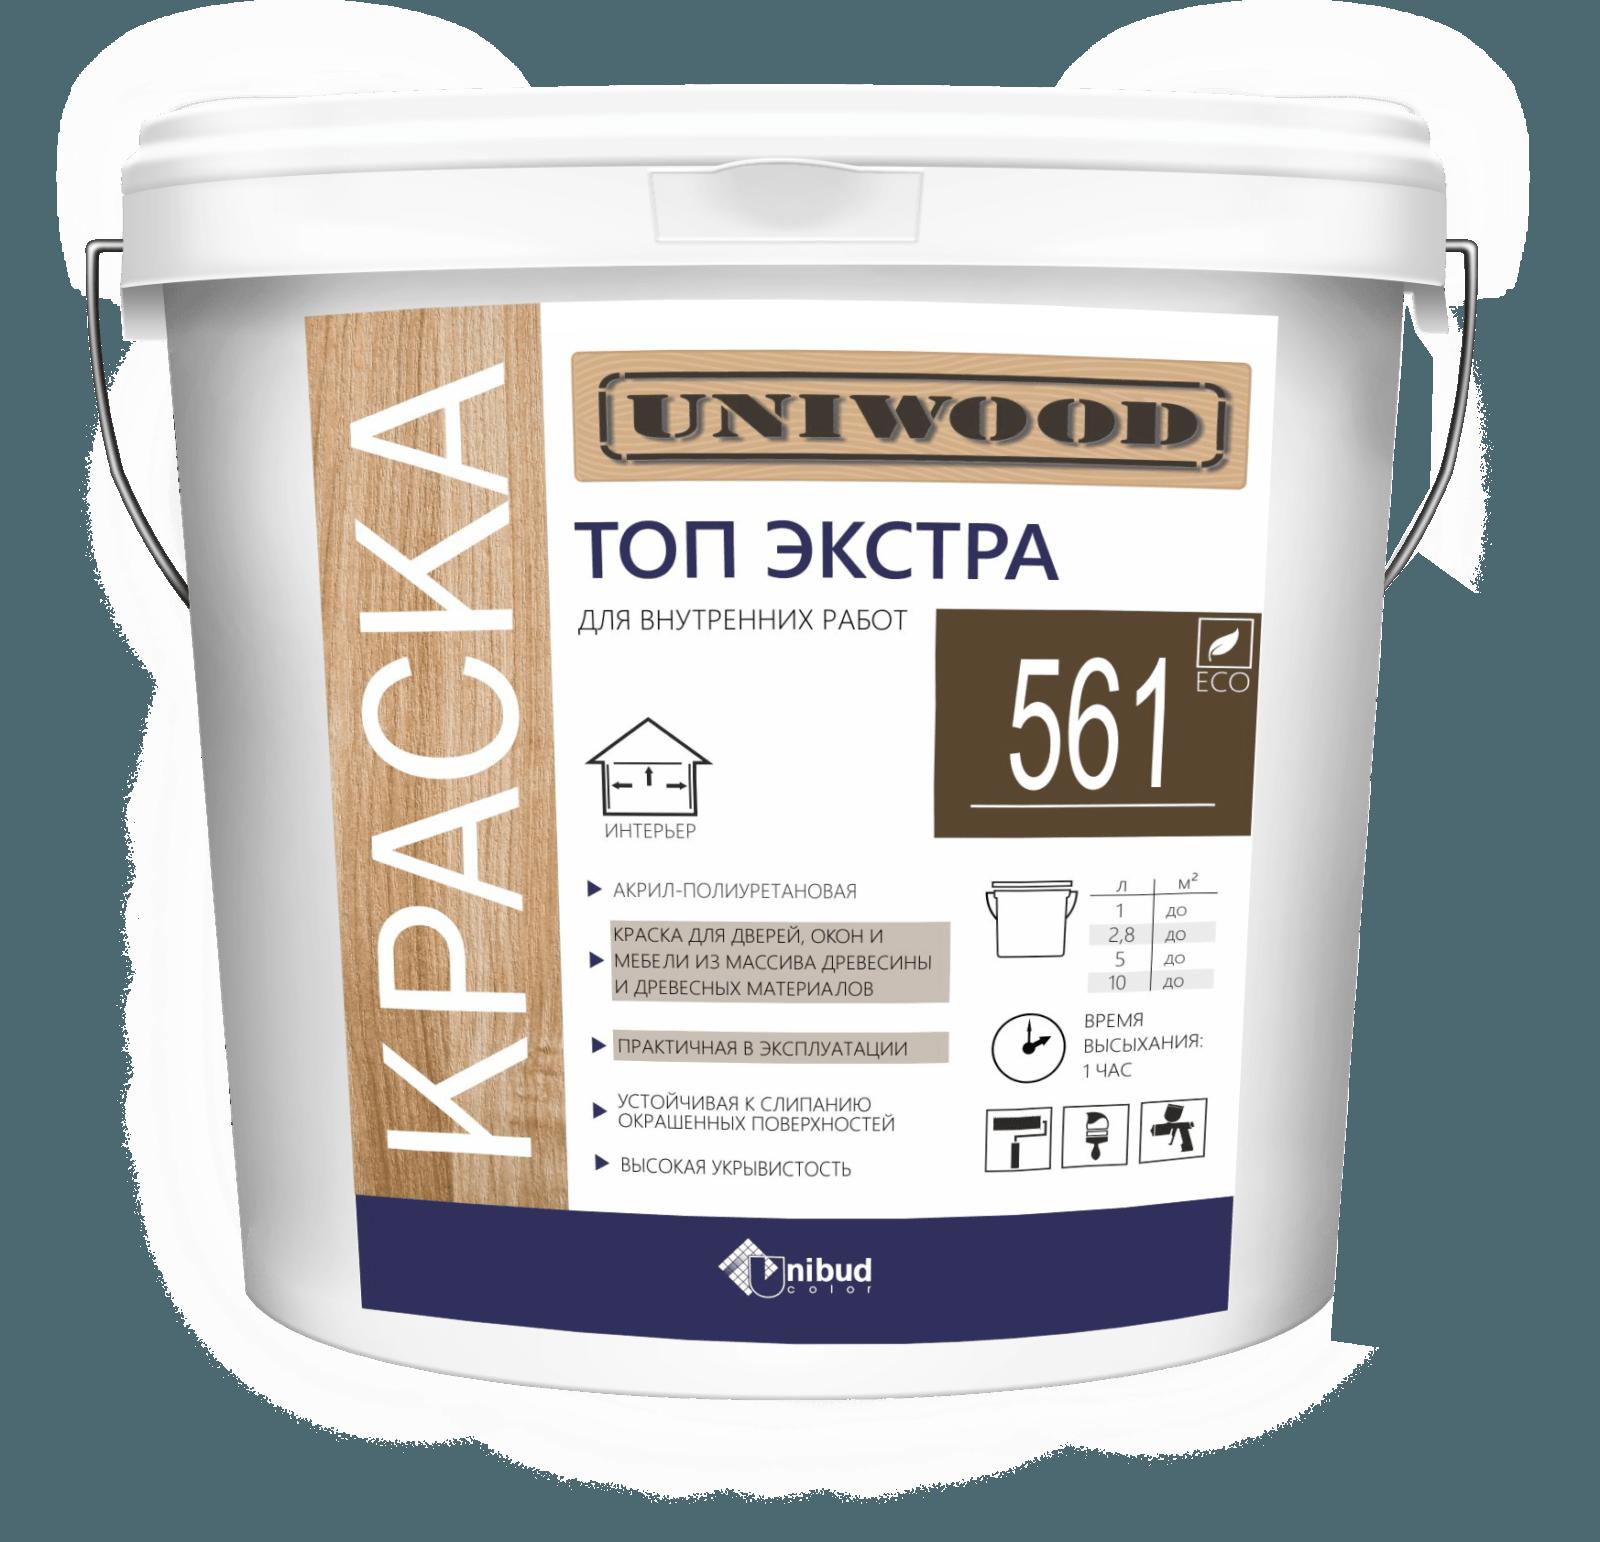 Uniwood Топ Экстра В-АКПУ-201